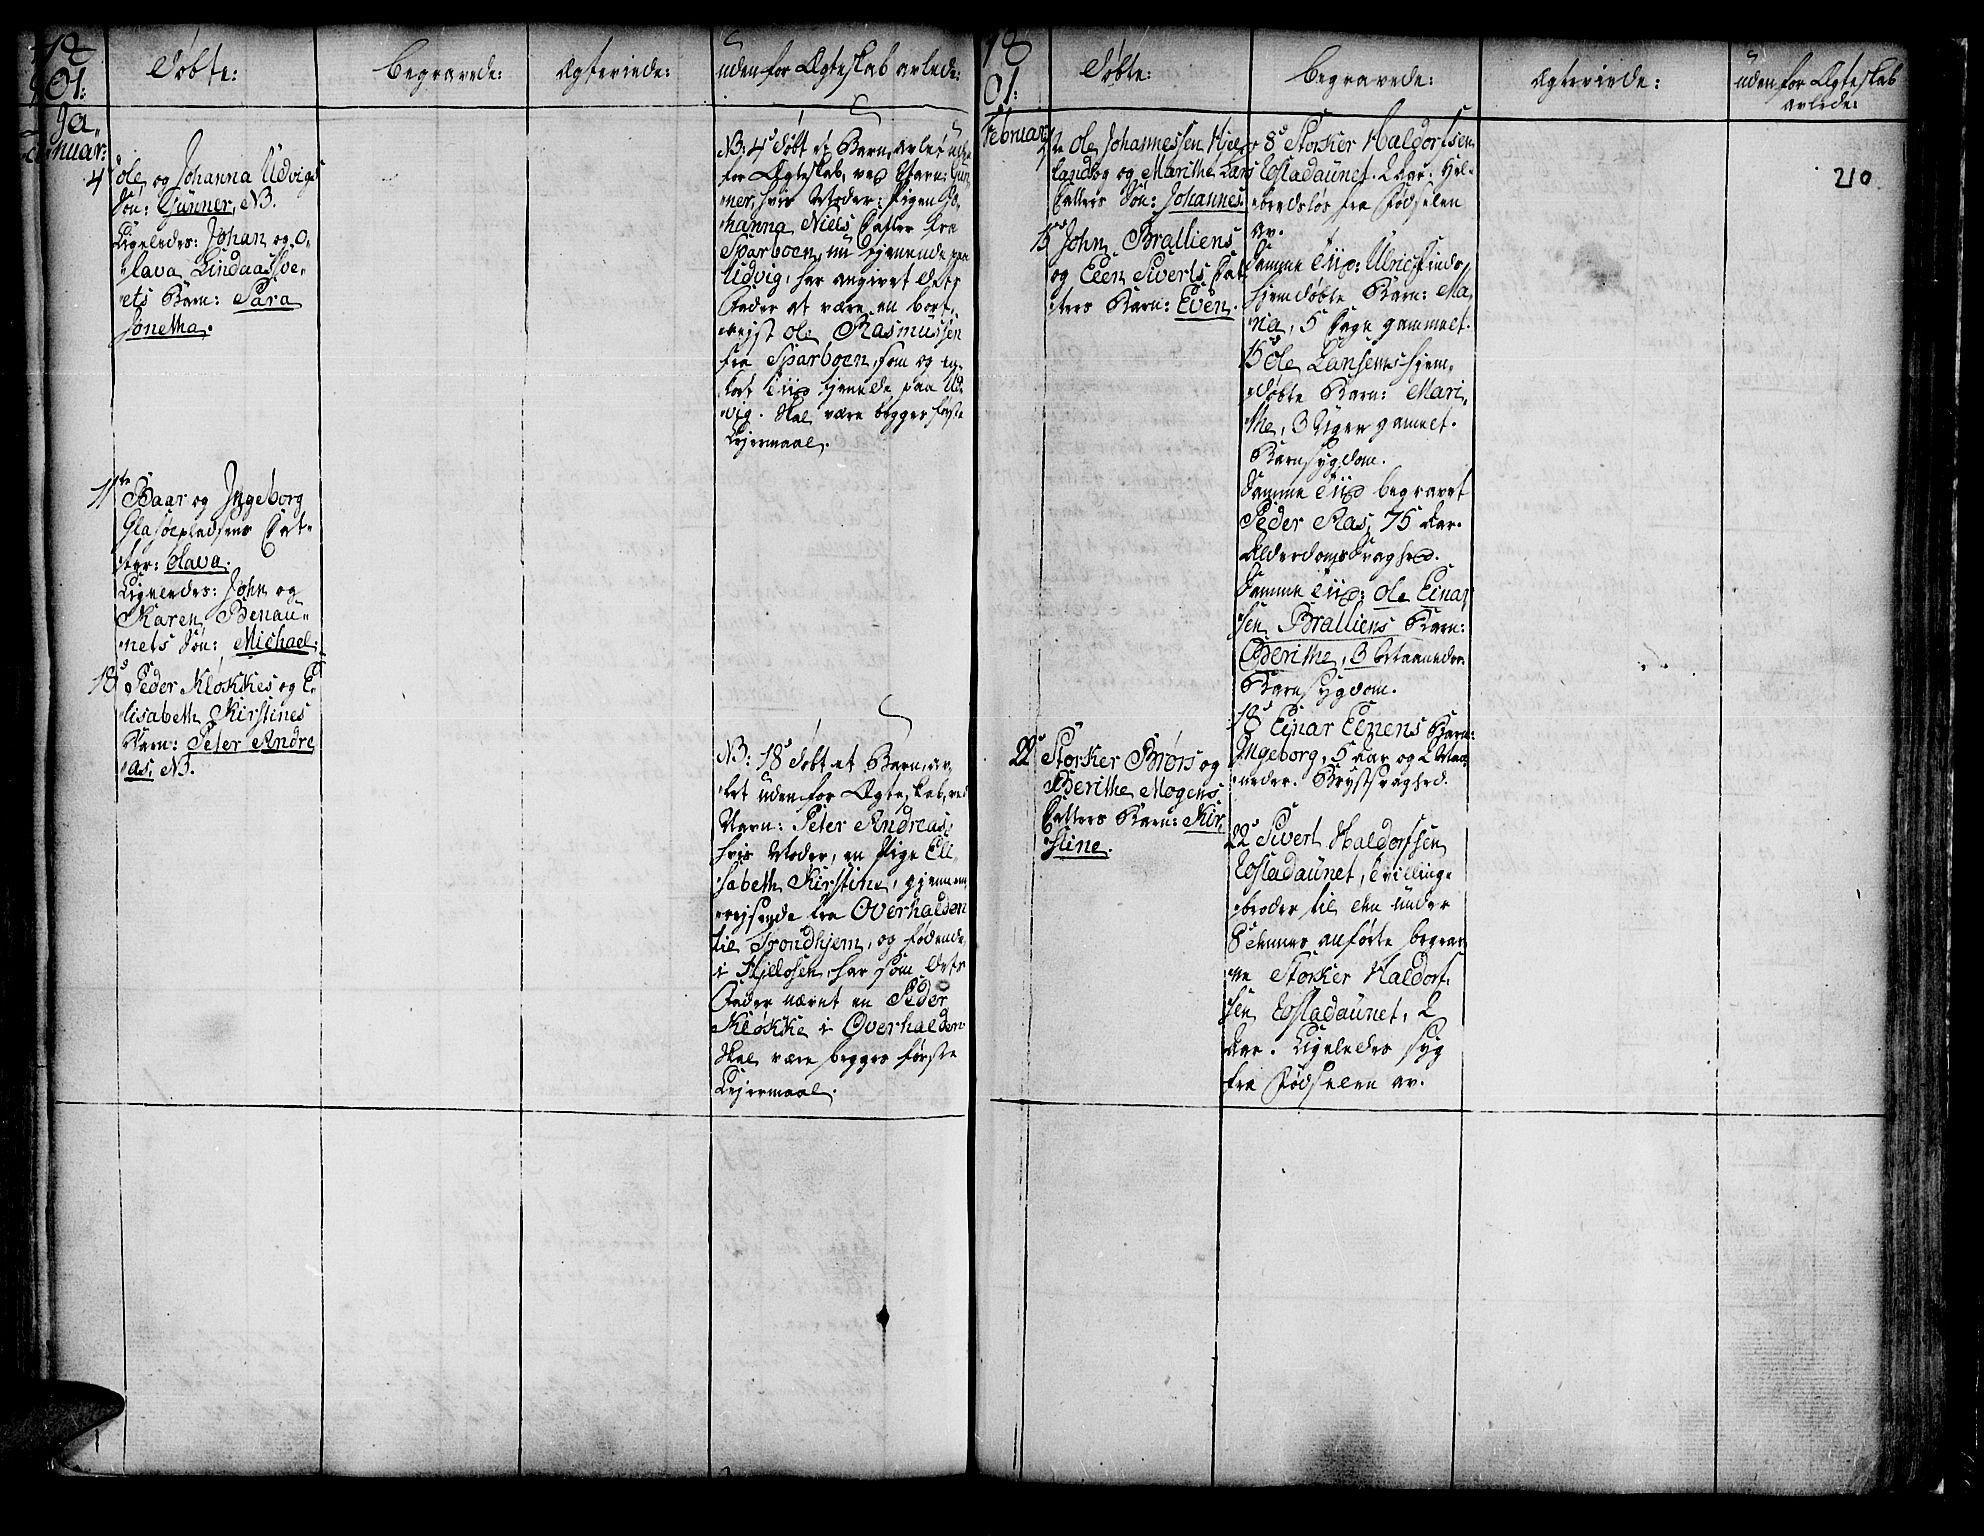 SAT, Ministerialprotokoller, klokkerbøker og fødselsregistre - Nord-Trøndelag, 741/L0385: Ministerialbok nr. 741A01, 1722-1815, s. 210